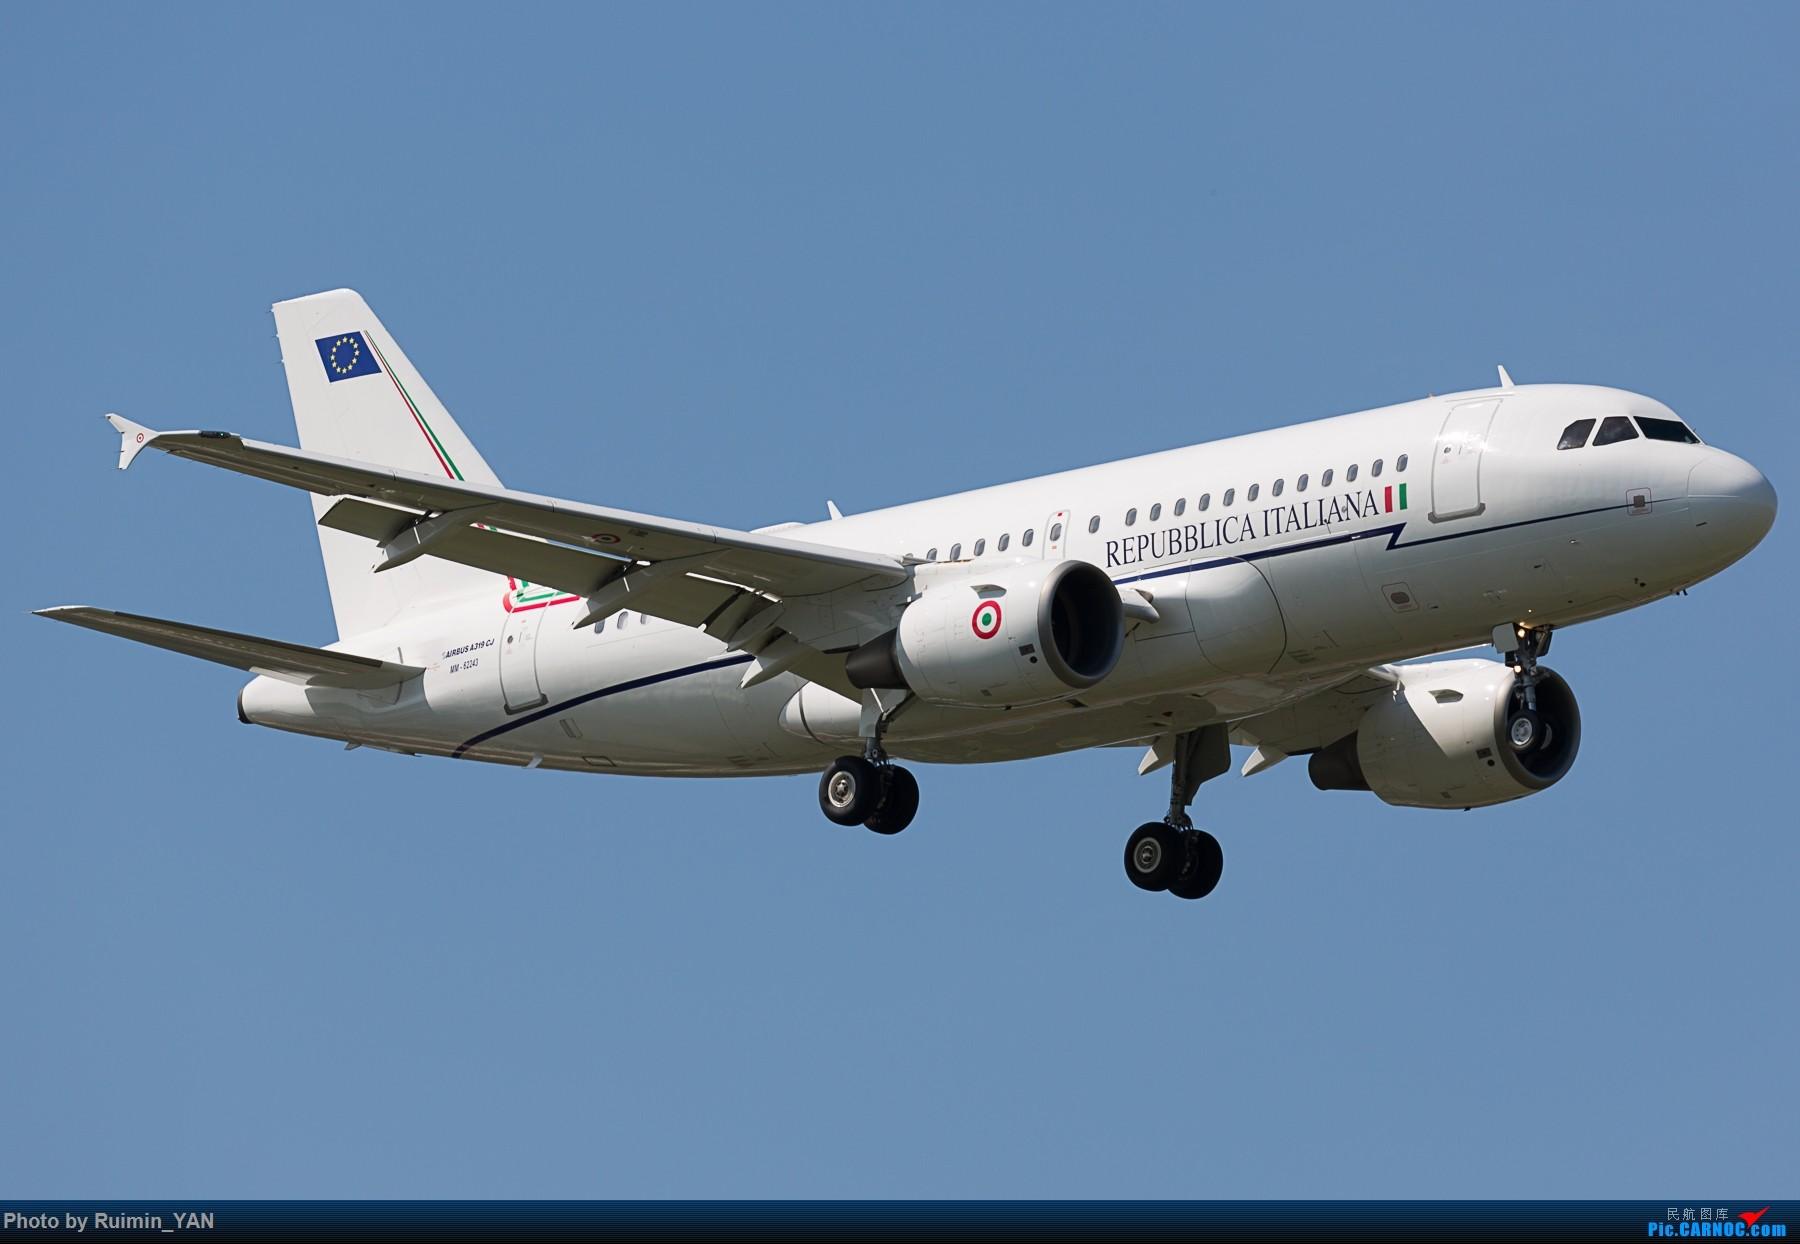 【PEK】【砖机】意大利外交与国际合作部长真蒂洛尼访华 意大利空军(Italian Air Force) MM62243 A319CJ AIRBUS A319-115CJ MM62243 中国北京首都国际机场